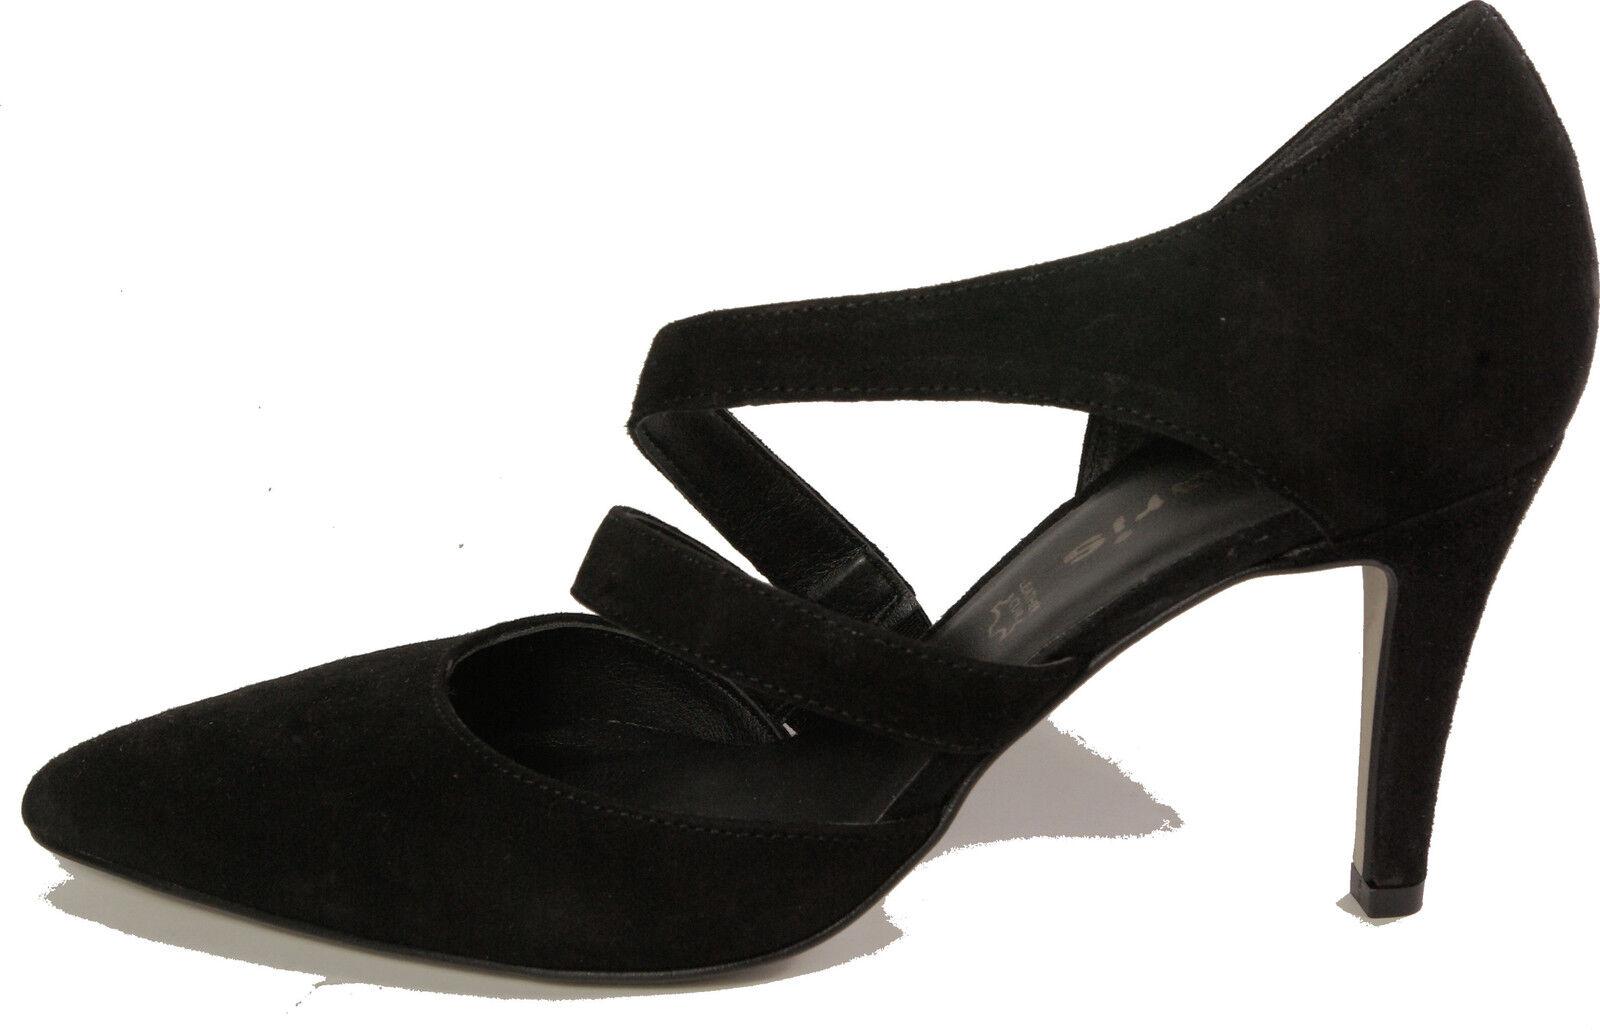 TAMARIS Schuhe Pumps schwarz Velour high heels heels high Pfennigabsatz echt Leder NEU 7b68b7